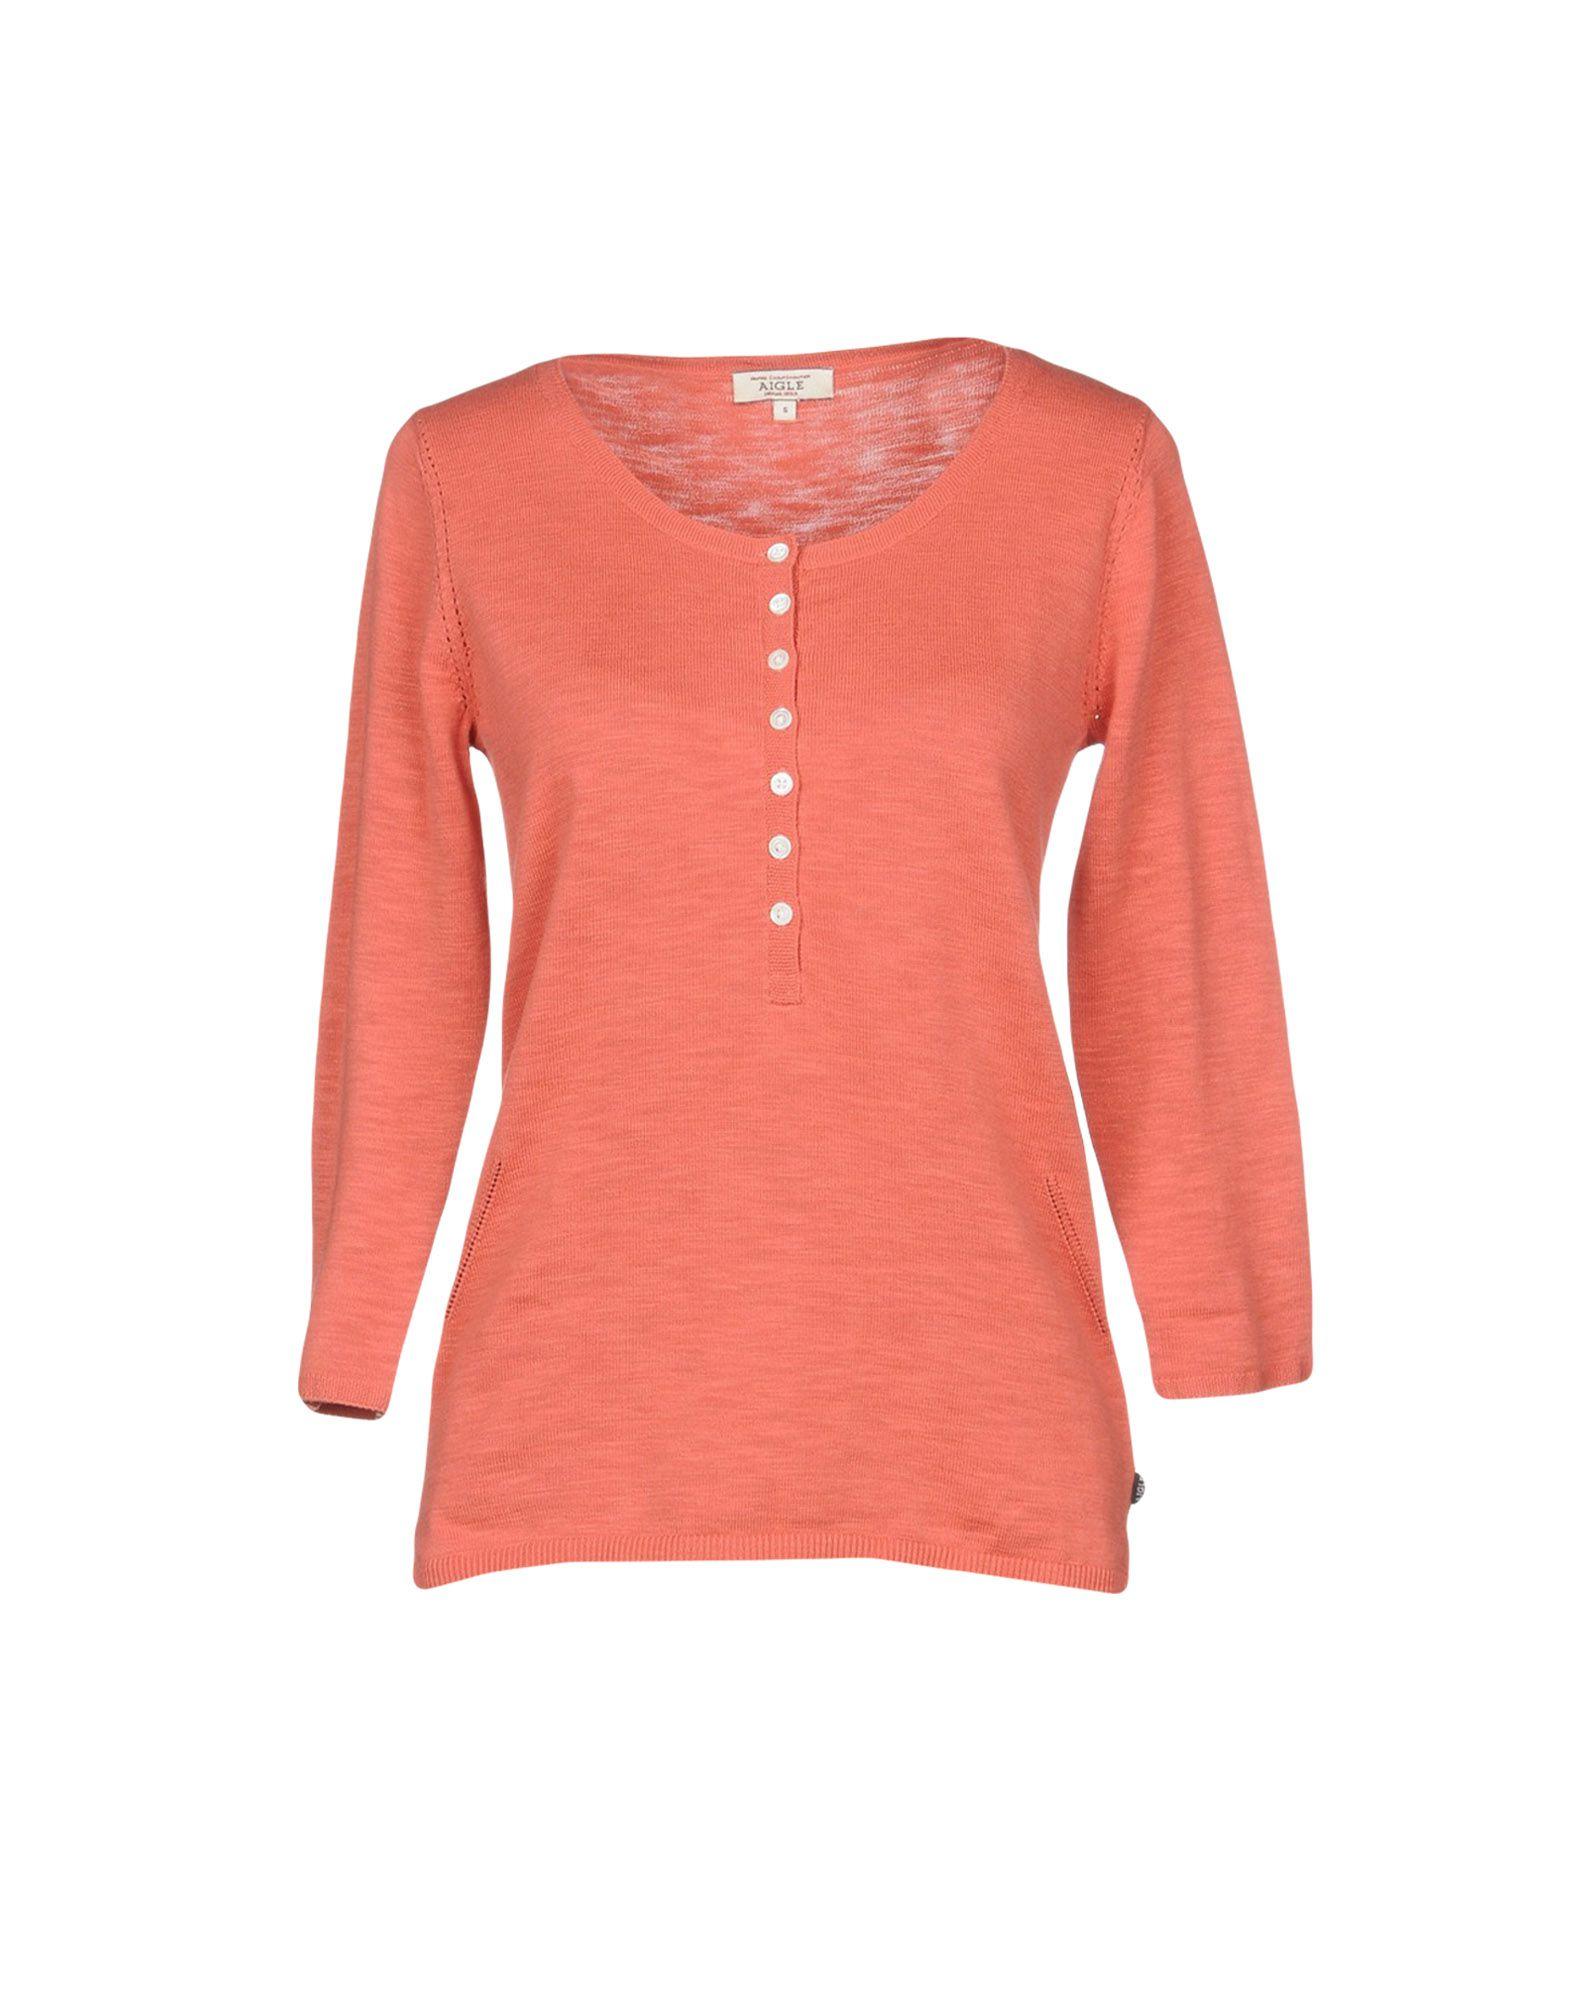 AIGLE Sweaters in Salmon Pink